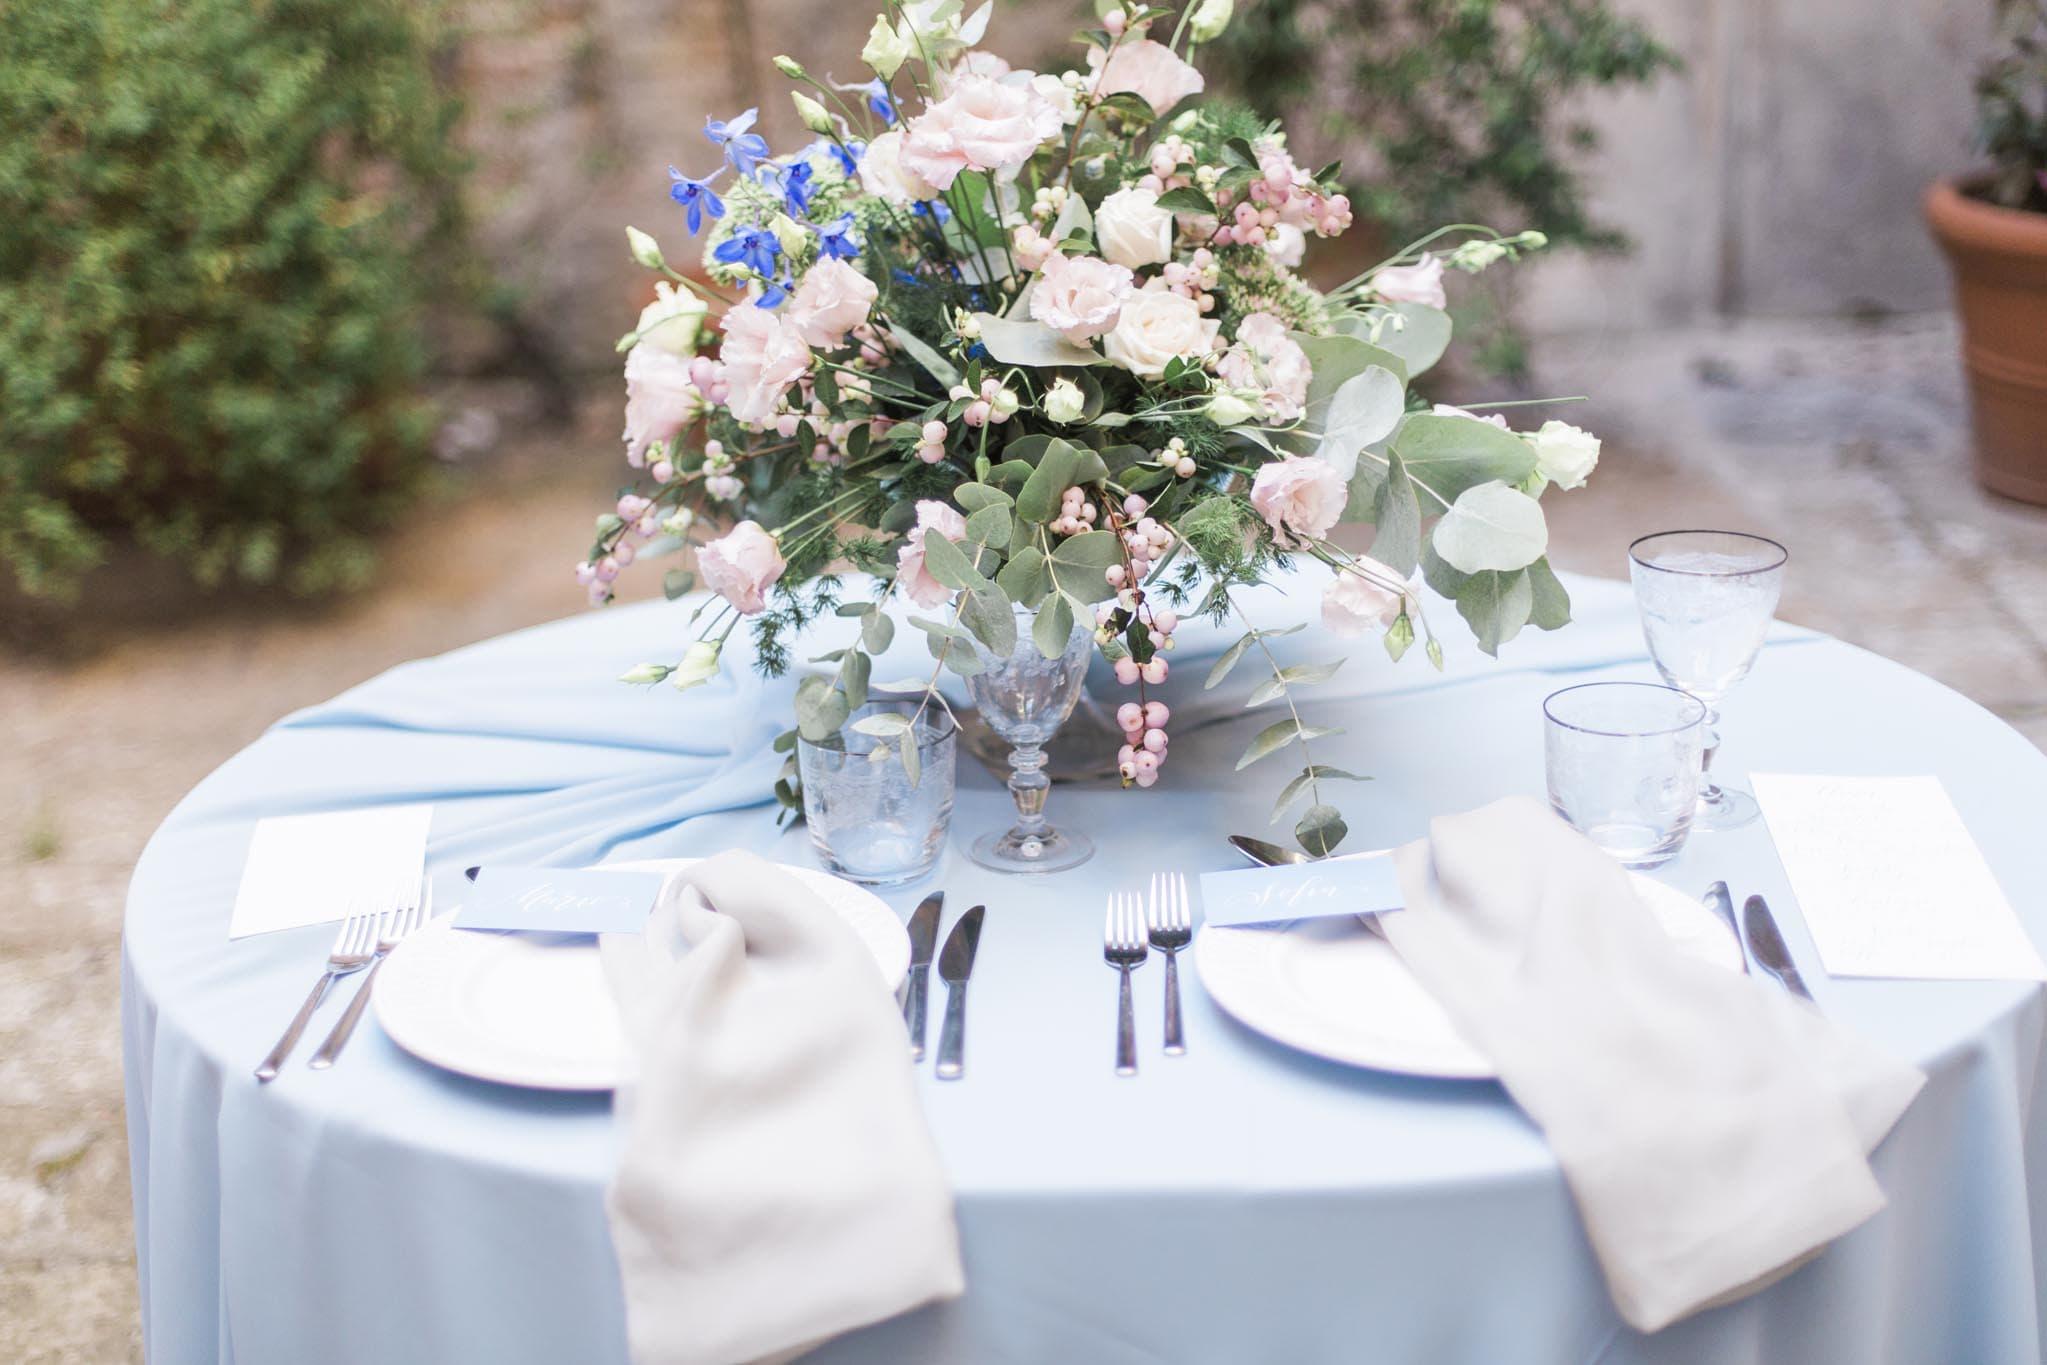 decoracao-casamento-rose-quartz-serenity-blue-14-min